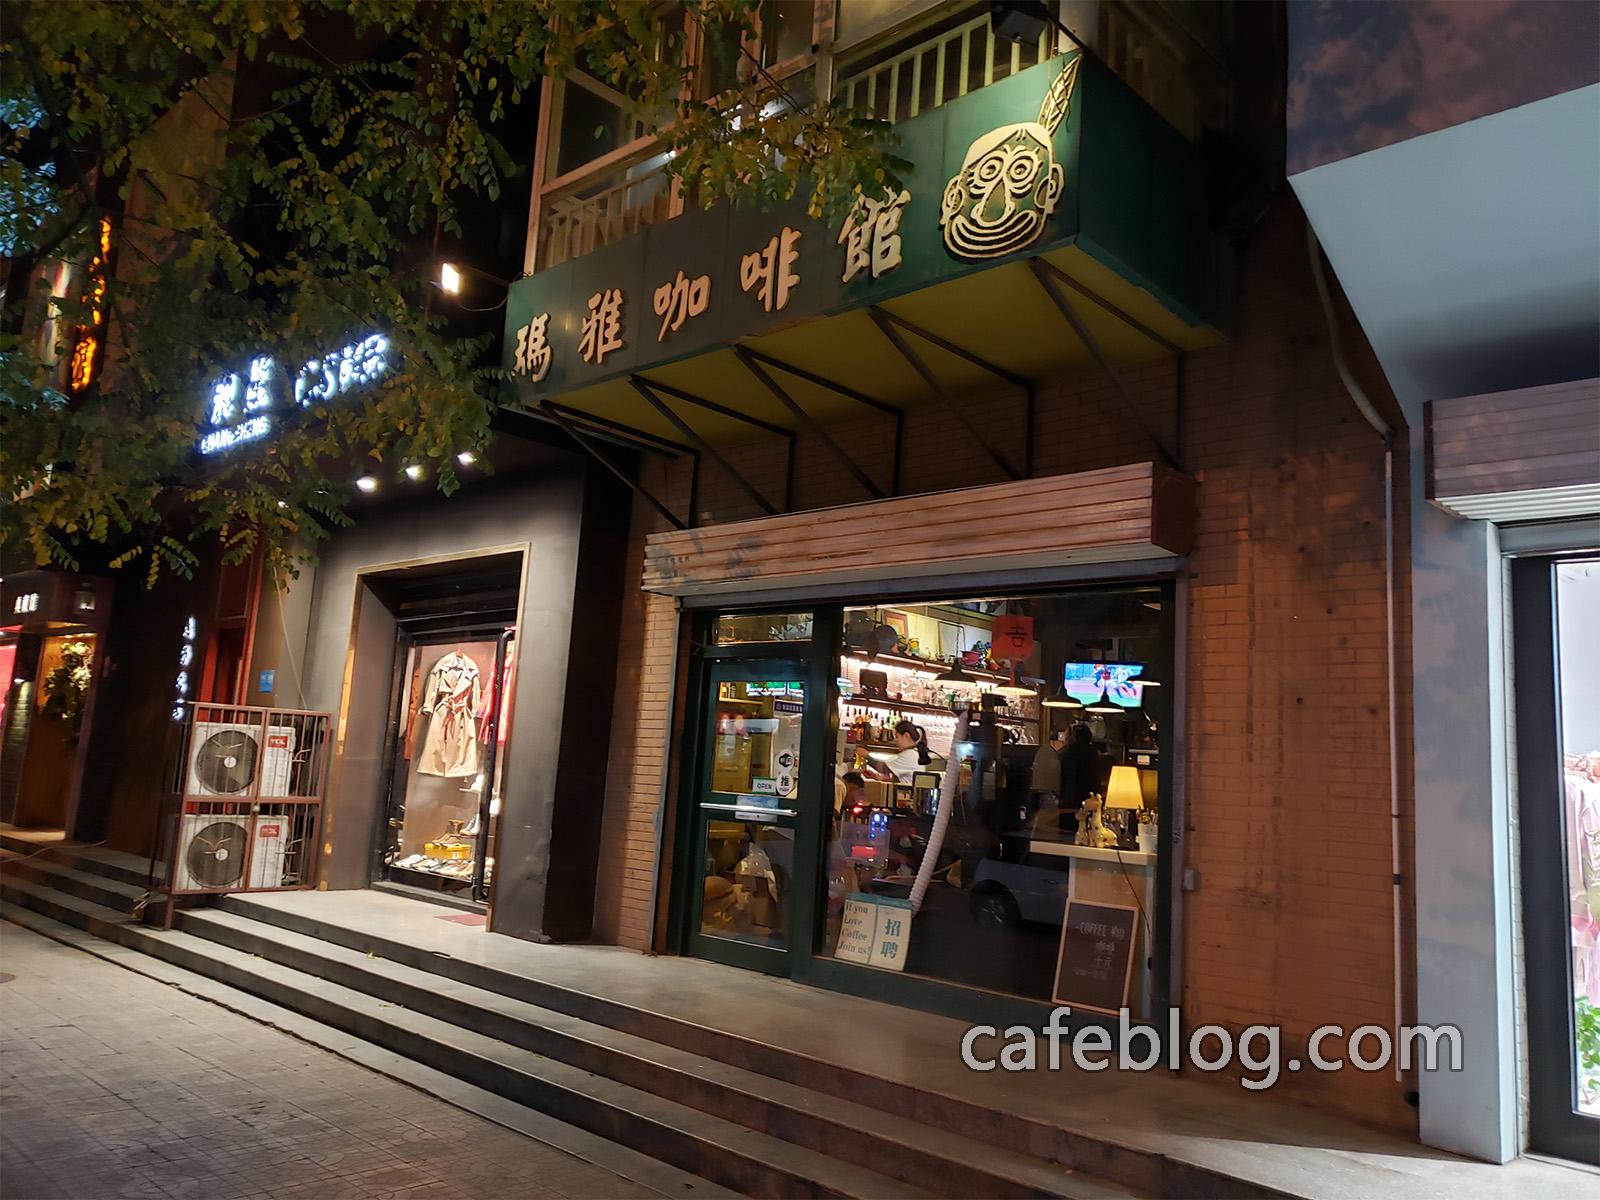 山西省 太原市 崔家巷2号(凯旋大地底商 原棉花巷)的玛雅咖啡馆 Maya Cafe